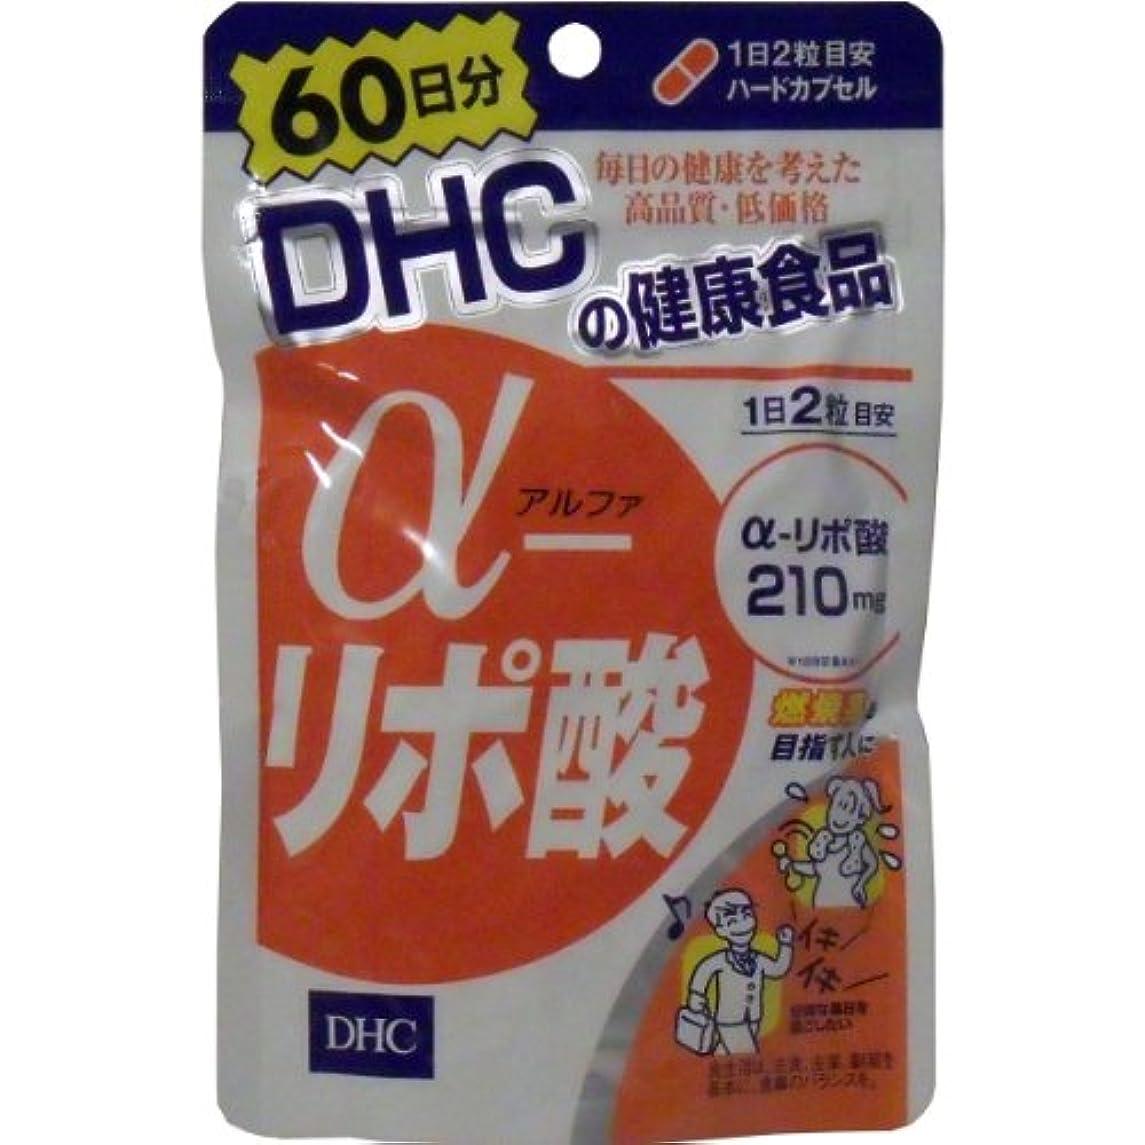 ラッドヤードキップリングトランクライブラリ安いですα-リポ酸は、もともと体内にあるエネルギー活性成分。サプリメントでの効率的な補給がおすすめ!DHC120粒 60日分 【4個セット】